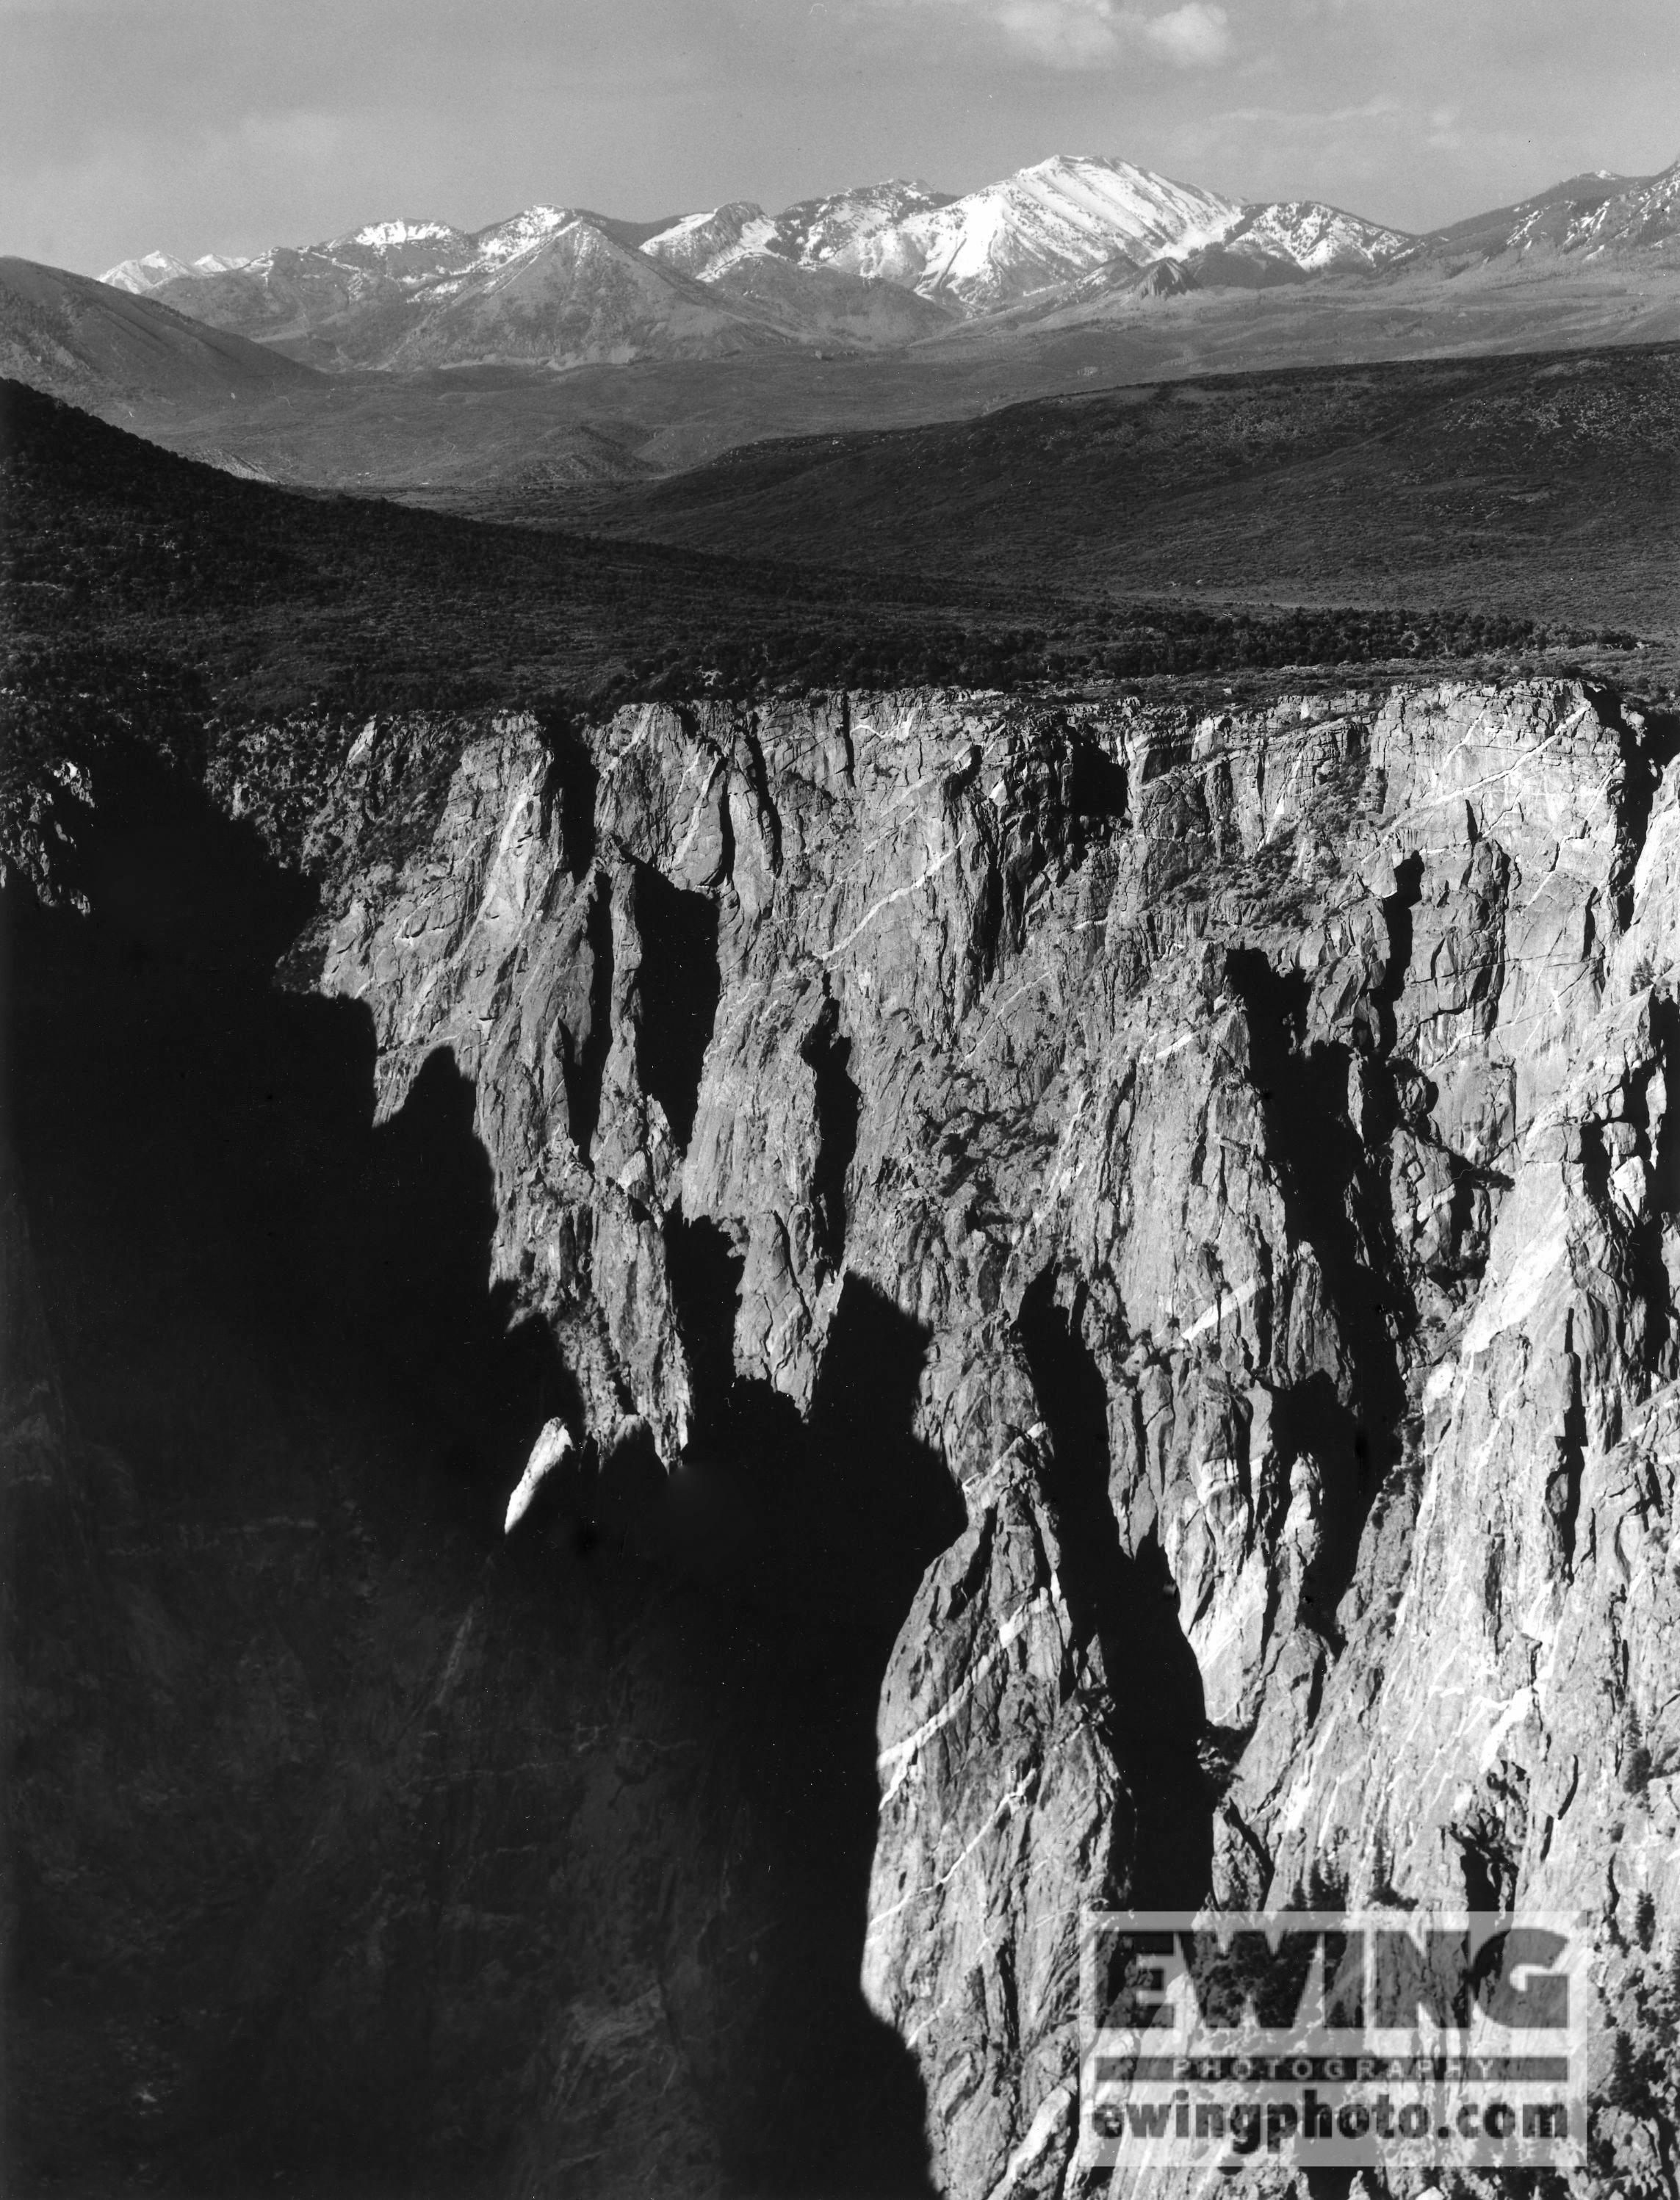 Elk Mountains Black Canyon of the Gunnison, Colorado